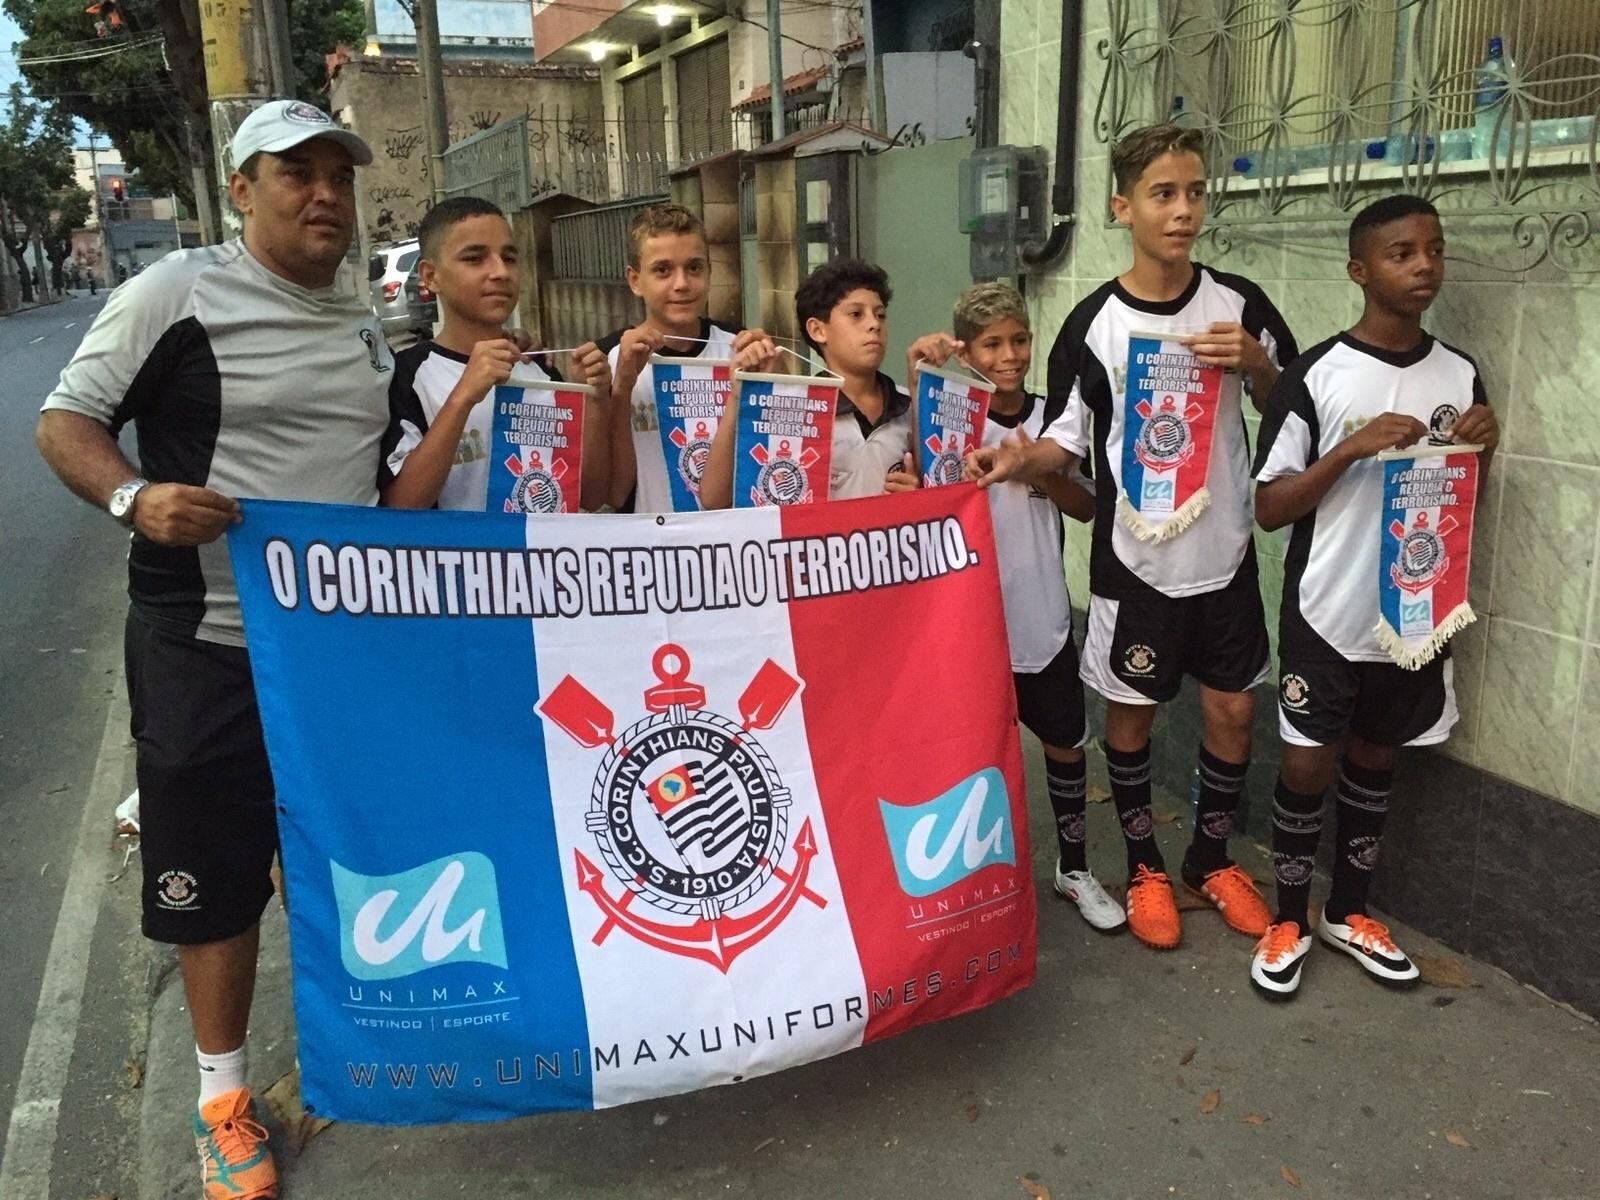 Atletas de escolinha de base do Corinthians, localizada em Belfort Roxo (RJ), se preparam para o jogo contra o Vasco em São Januário. Com ele, uma faixa na qual se lê: